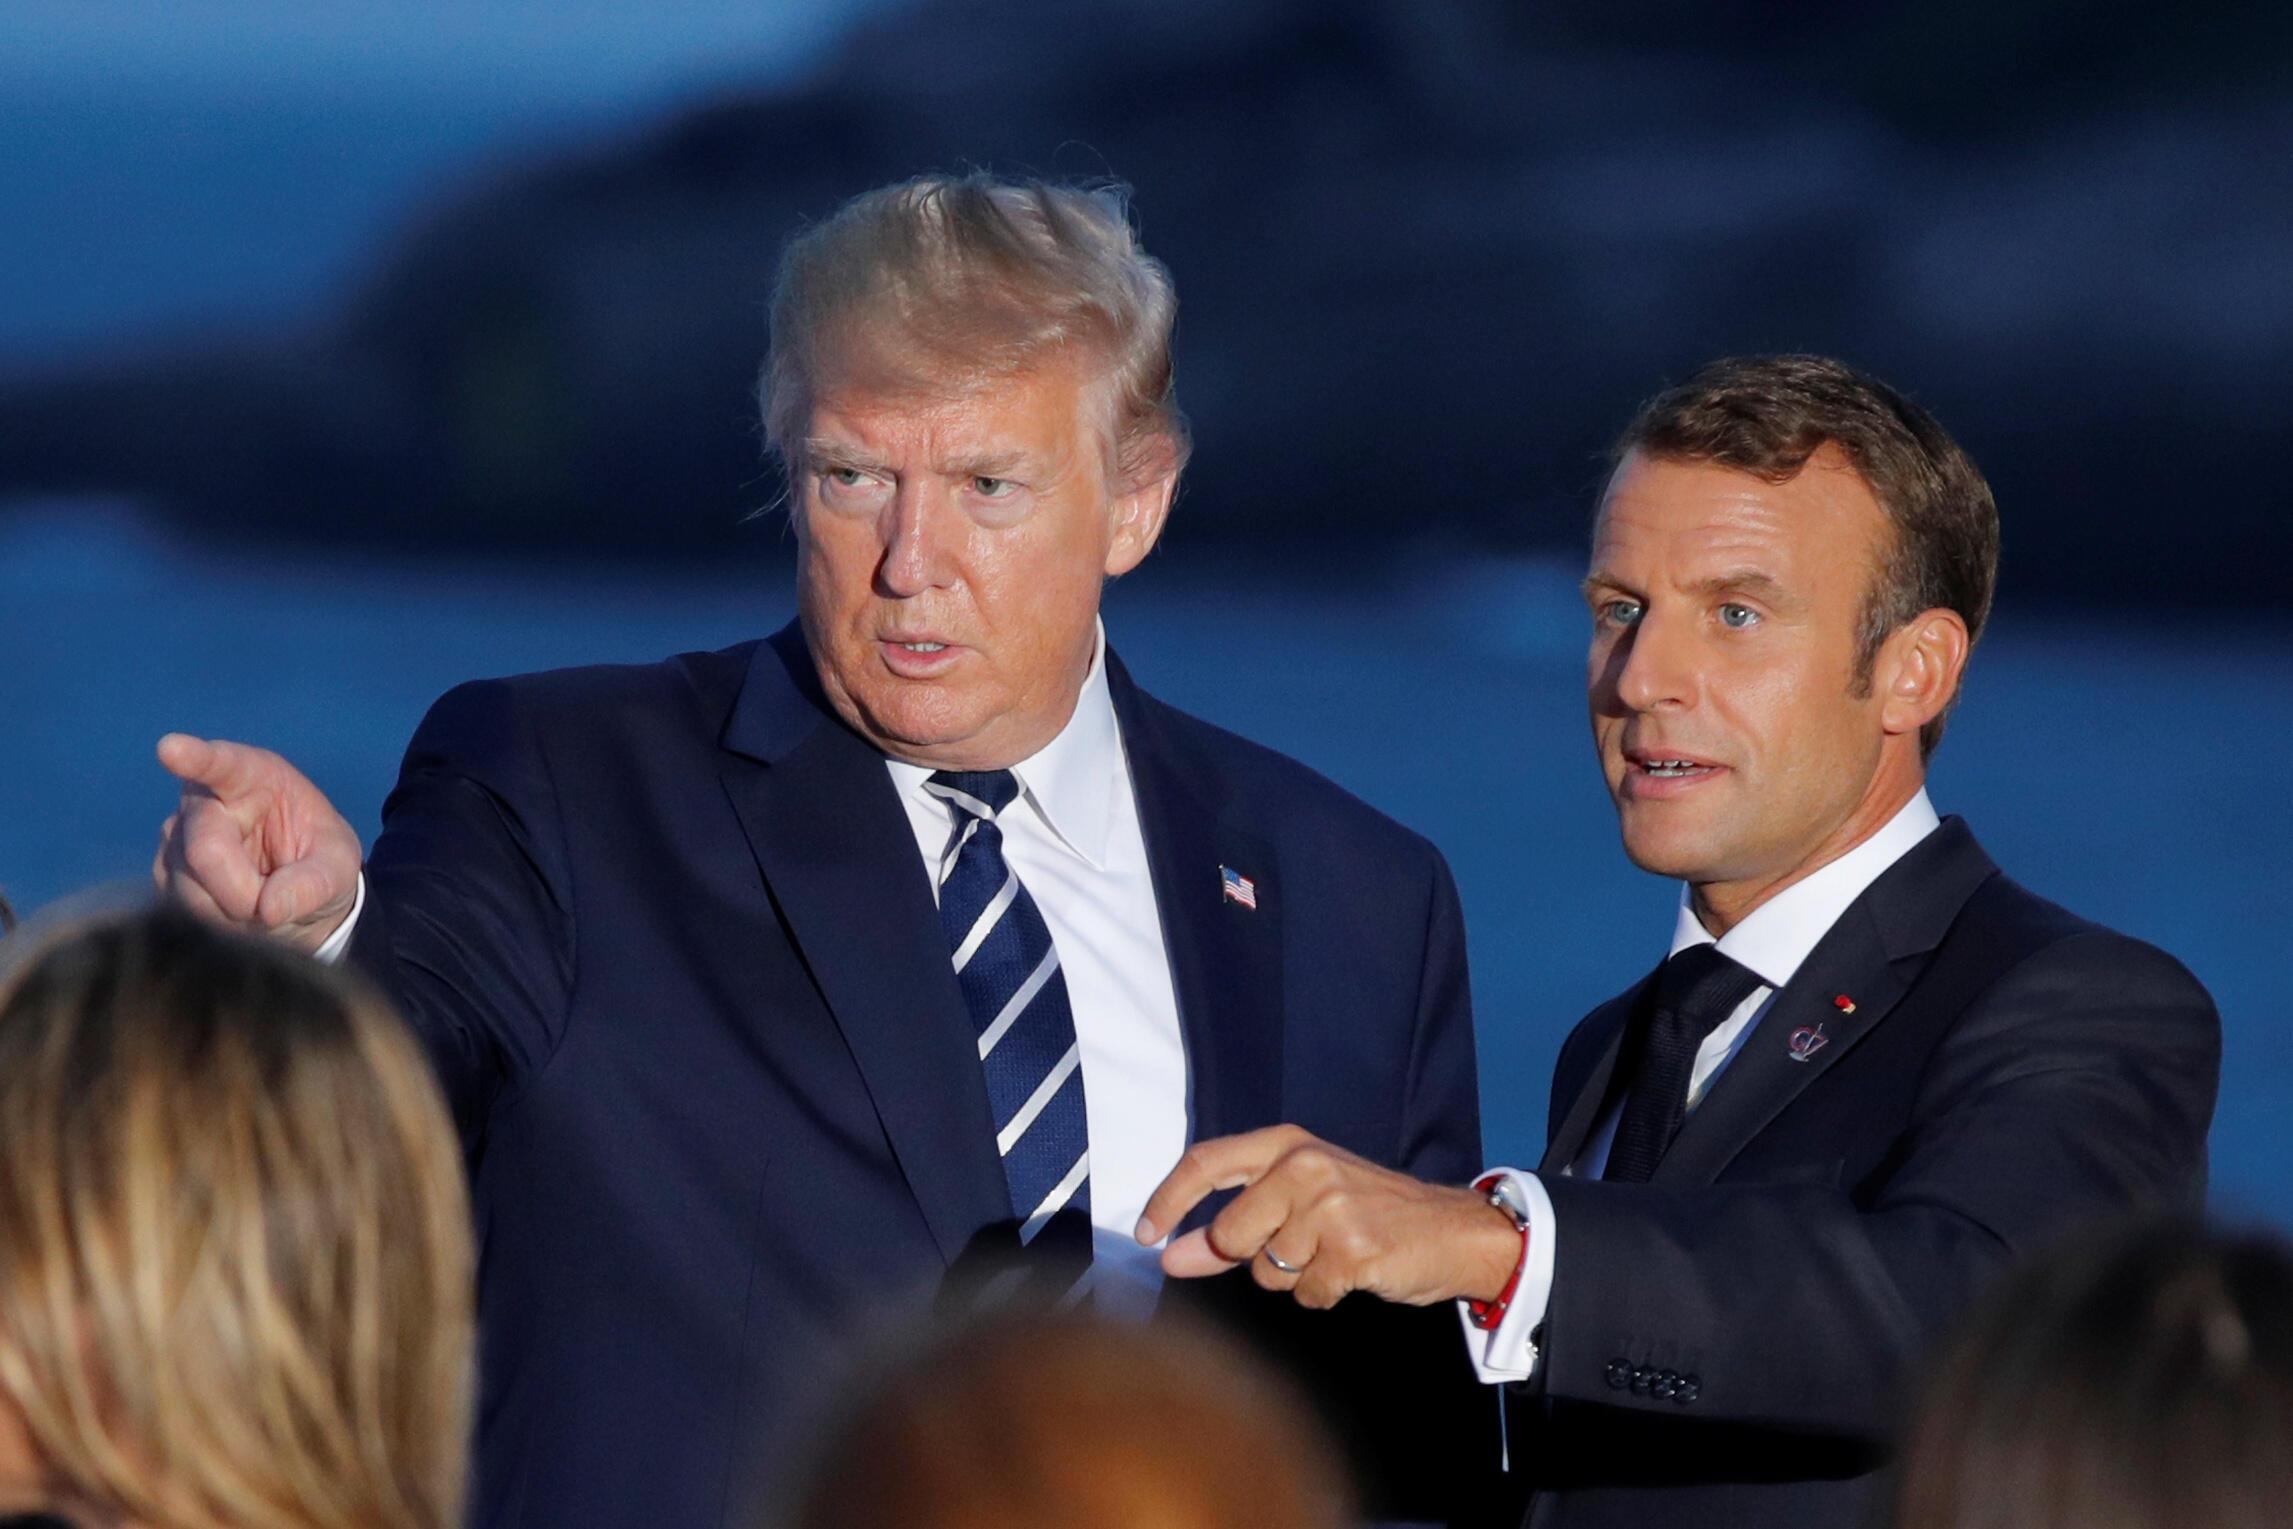 Tổng thống Mỹ Donald Trump và đồng nhiệm Pháp Emmanuel Macron (P), trong hội nghị thượng đỉnh G7 ở Biarritz, ngày 25/08/2019.